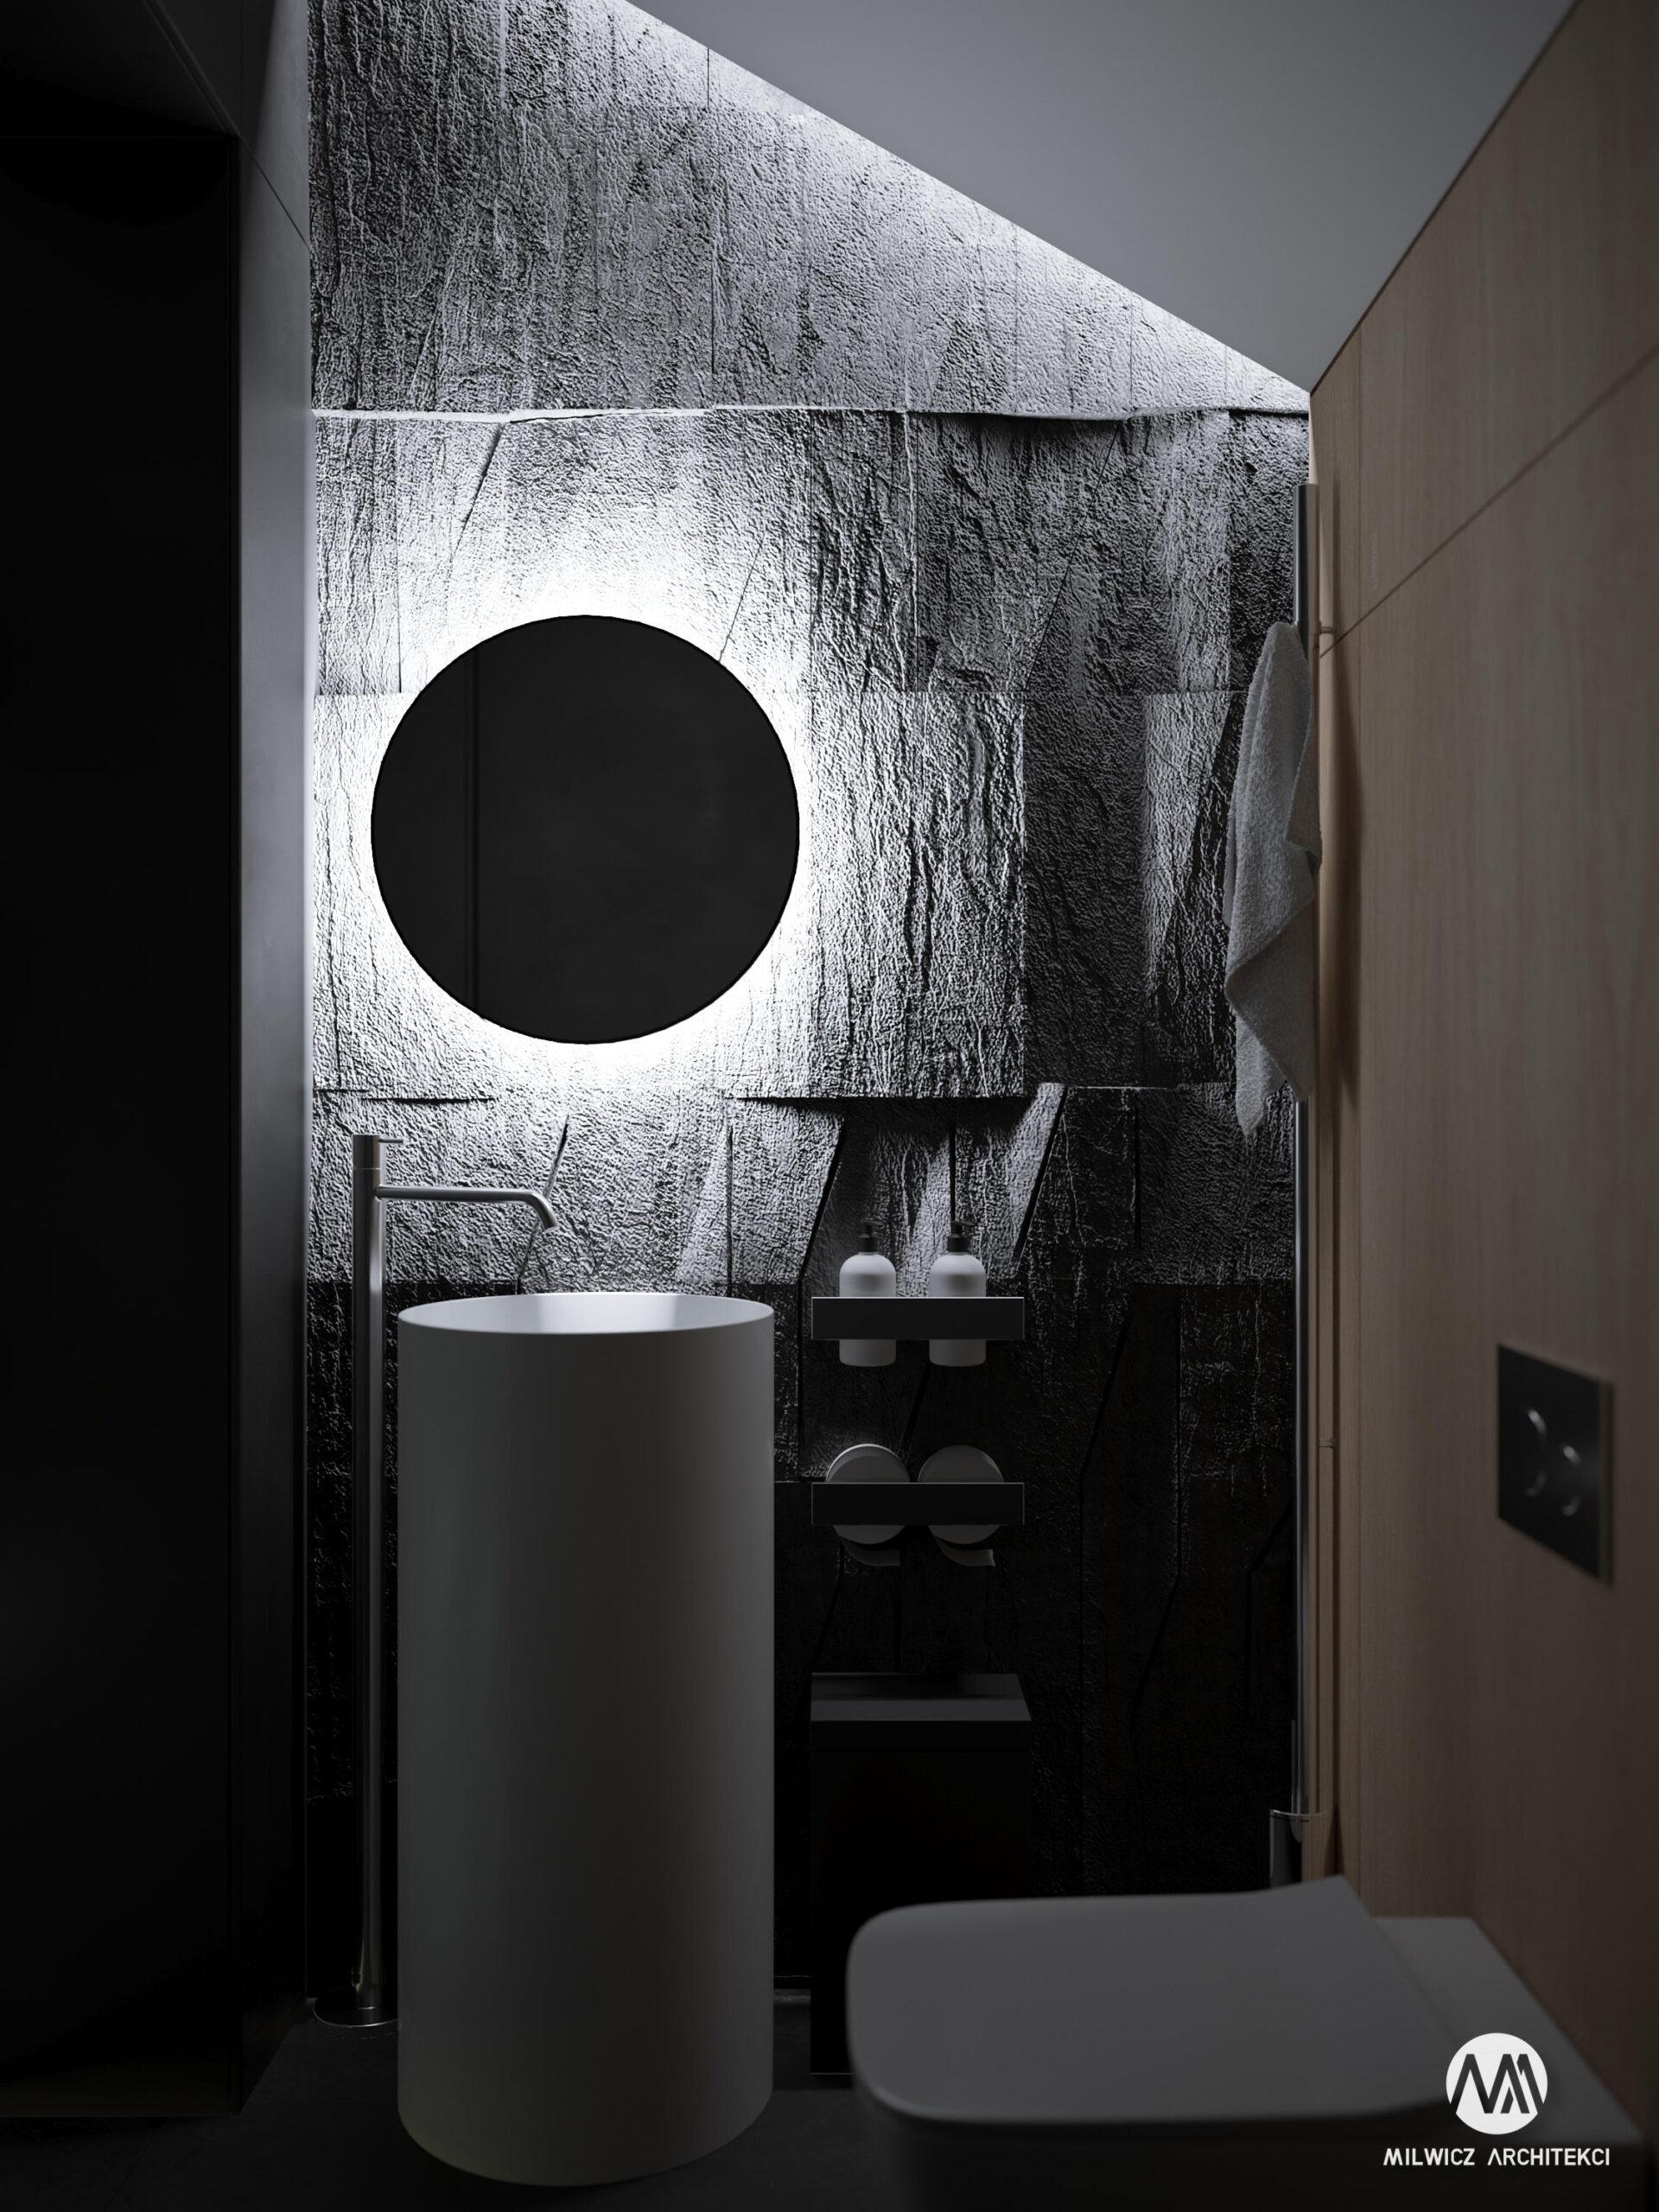 projekty indywidualne, projekty wnętrz, minimalizm, WC, łazienka, ciemny WC